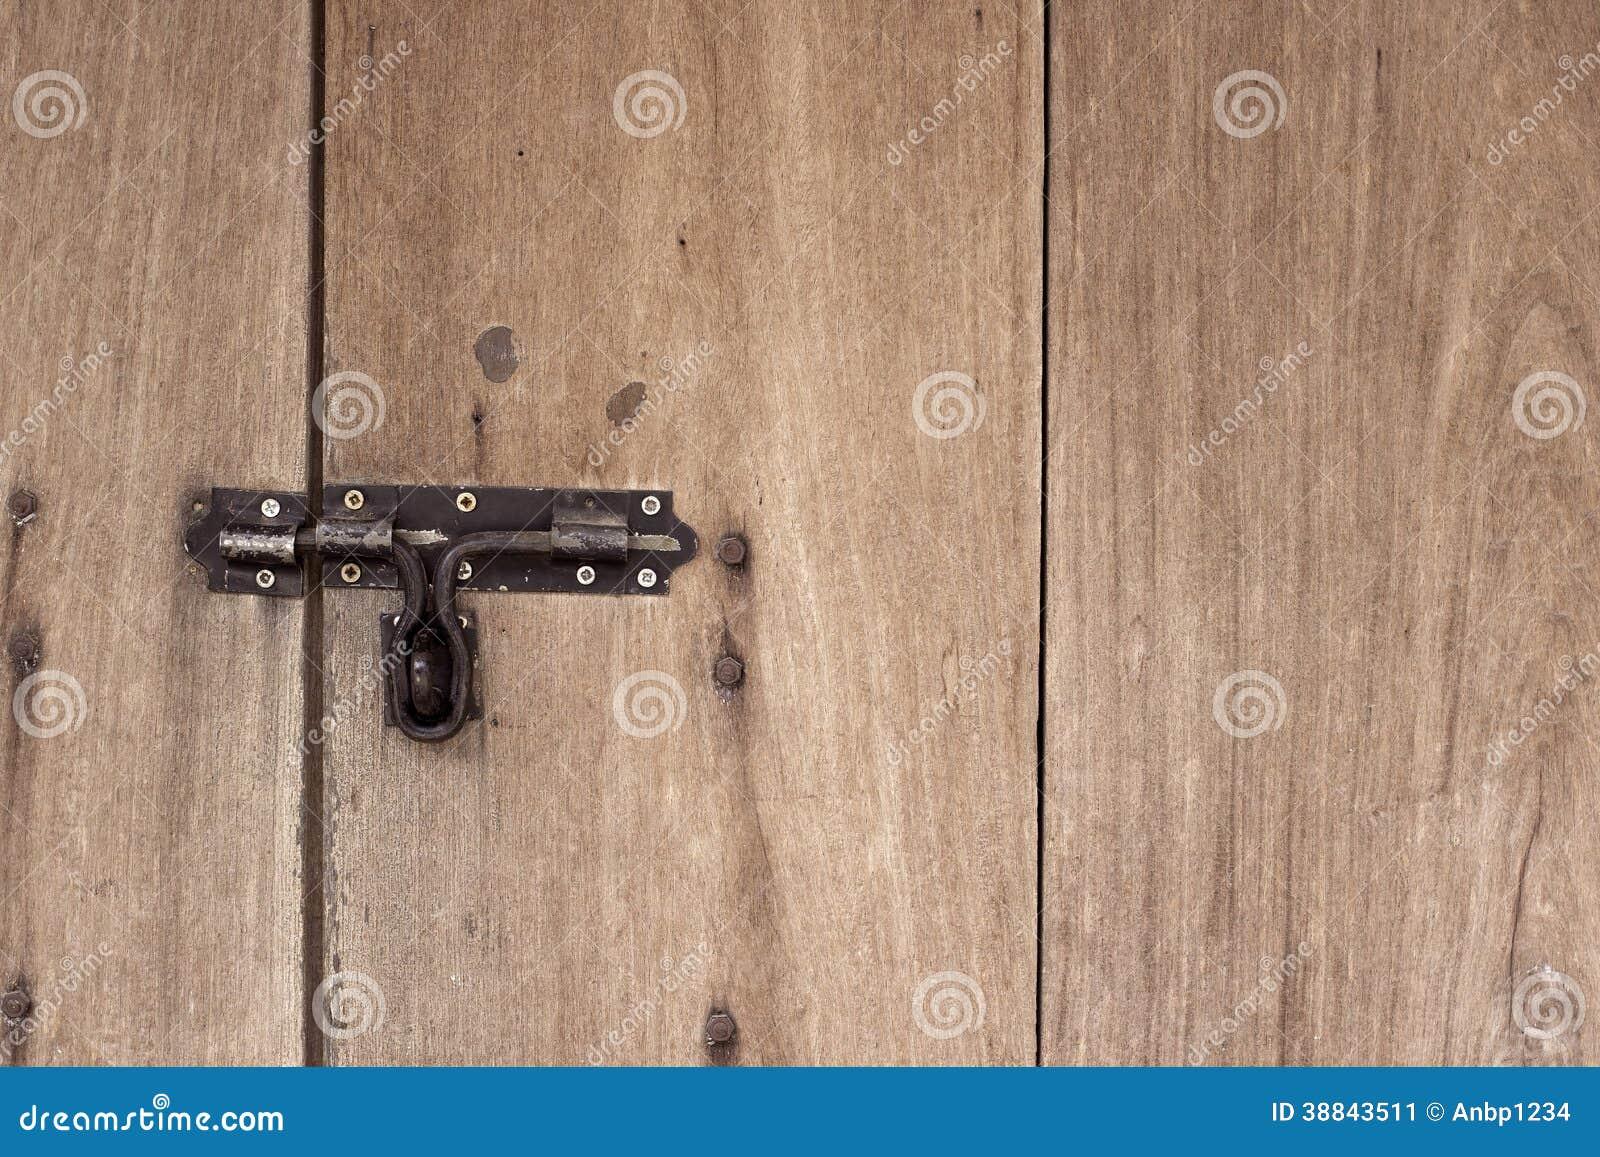 Old Vintage Metal Door Lock.